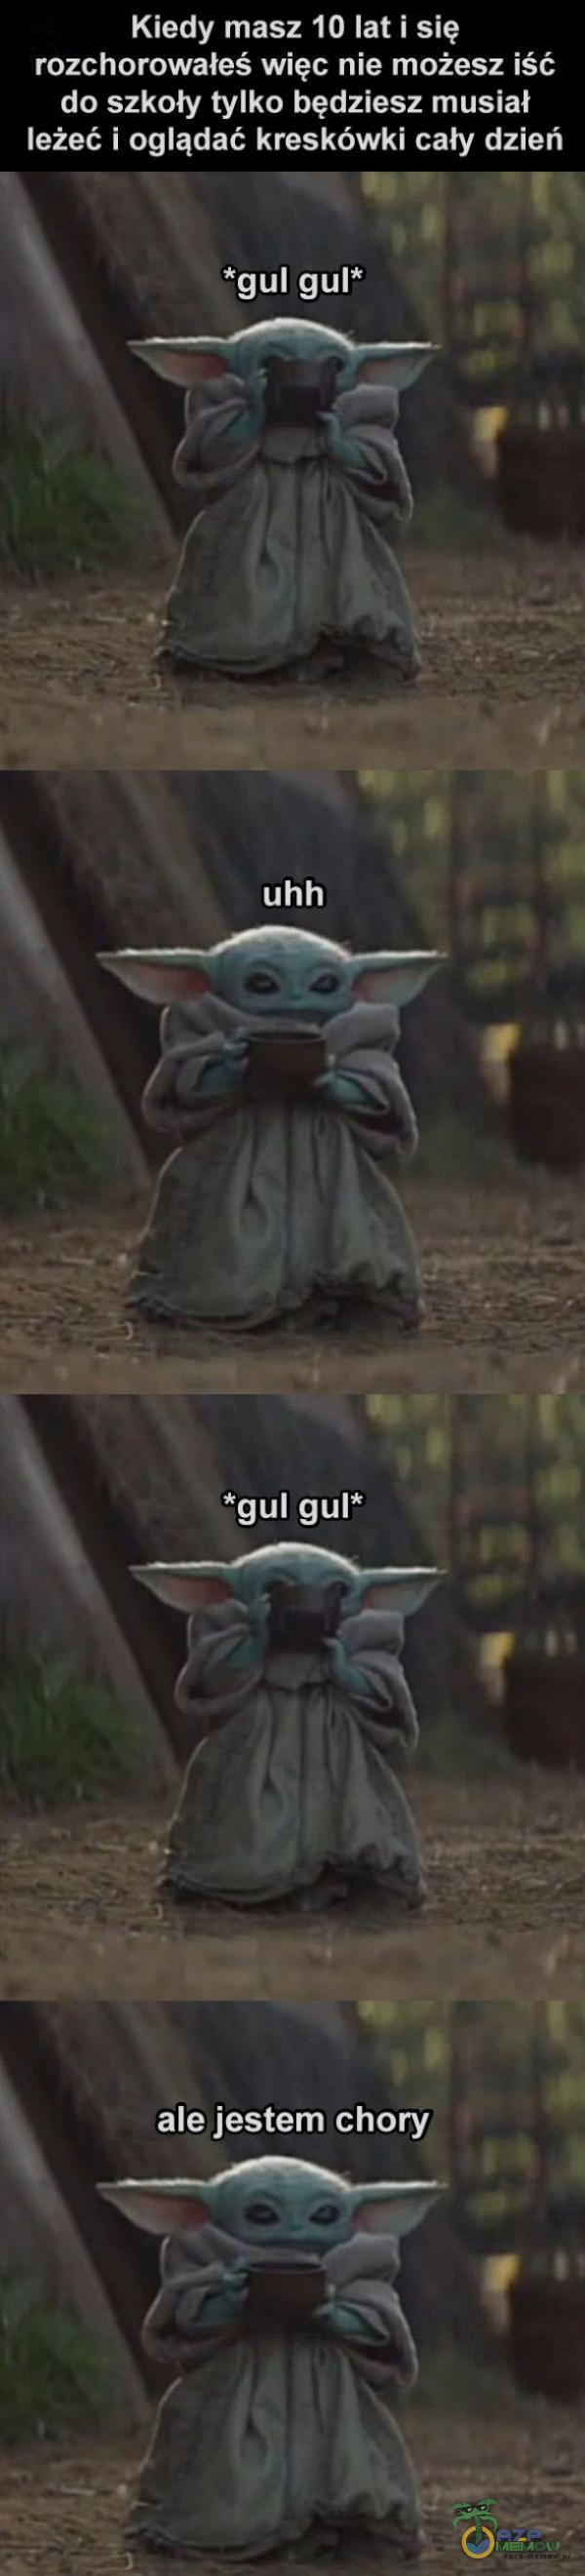 Kiedy masz 10 lat i się rozchorowaieś więc nie możesz iść do szkoły tylko będziesz musiał leżeć i oglądać kreskówki cały dzień *gul gul* __Ą— , x uhh *gul gul* ale jestem chory ___/«___. )*- N